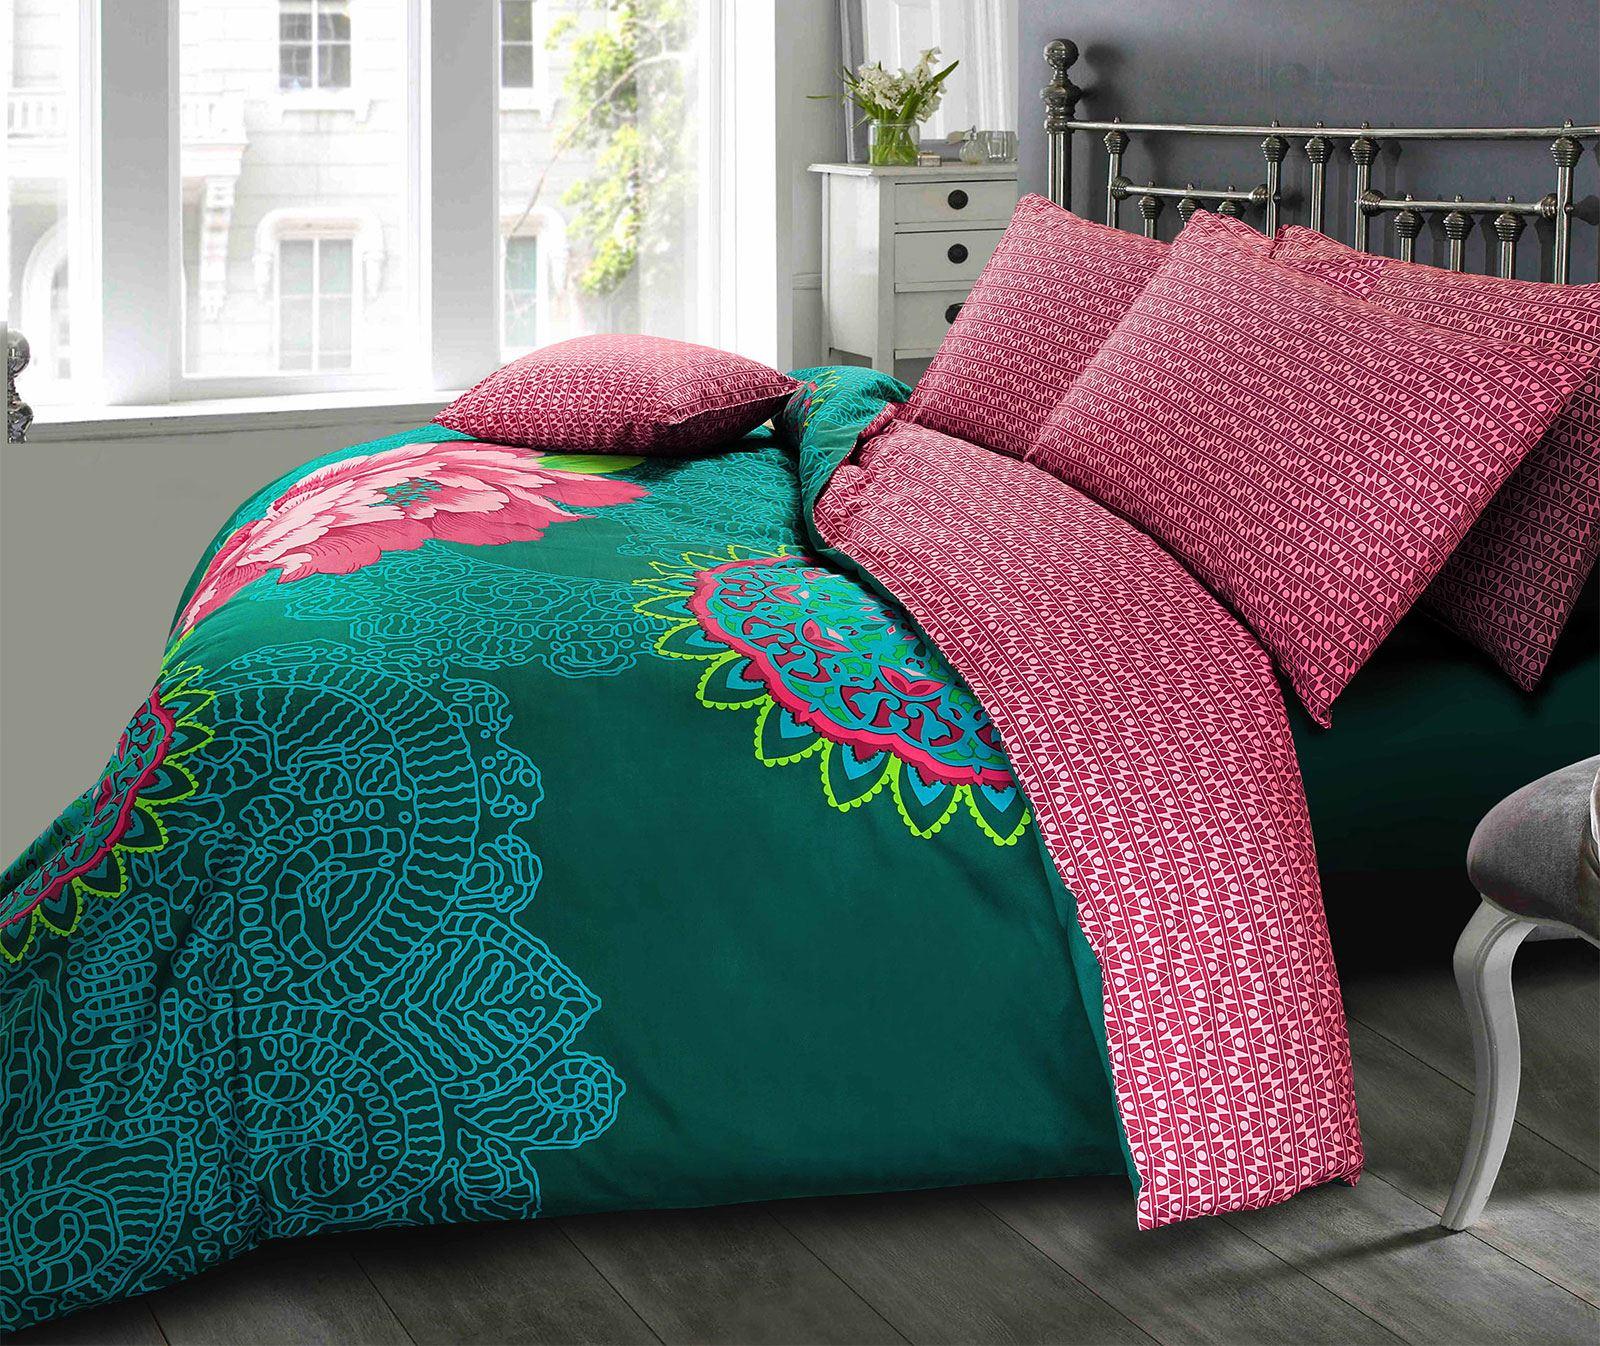 Ropa-de-cama-estampado-floral-bohemio-conjunto-de-edredon-de-funda-nordica-individual-Doble-King miniatura 12